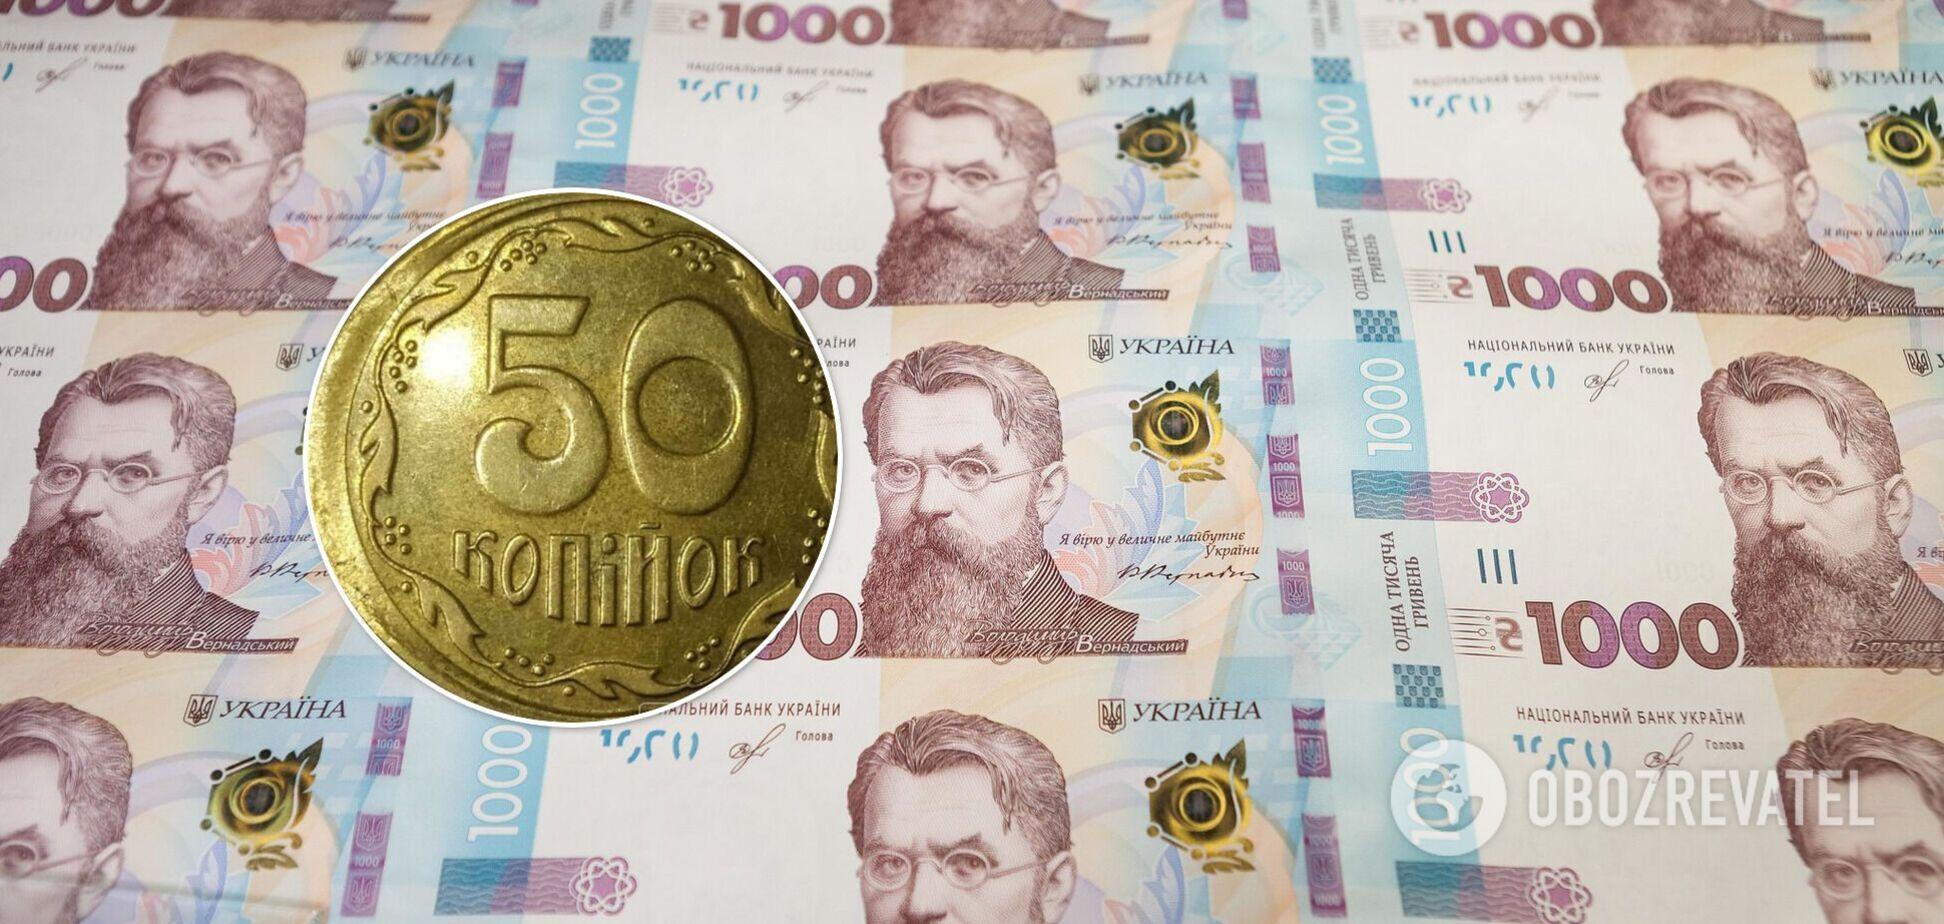 В Україні продають фальшиві і браковані монети